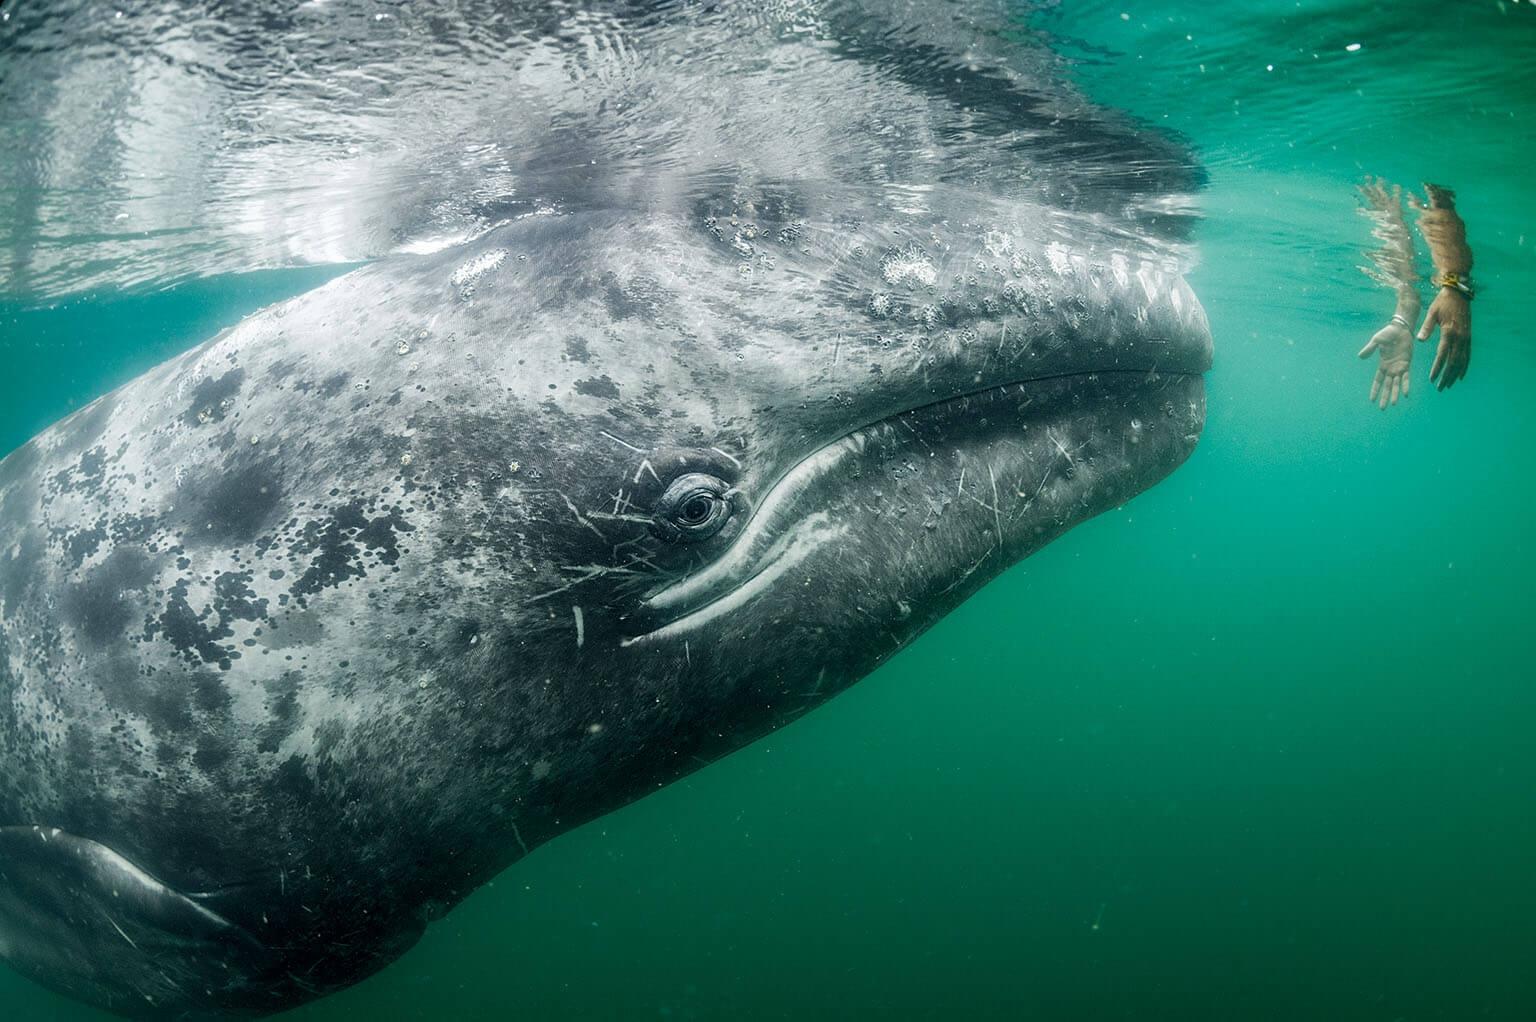 一名觀光客在聖伊納西歐潟湖的船上把手伸到水裡想撫摸灰鯨;這個海灣常有許多灰鯨前來交配和撫育後代。漁民曾經很懼怕牠們,但現在這種異常友善的動物是重要的經濟來源。 攝影:湯瑪斯.P.帕斯查克 Thomas P. Peschak